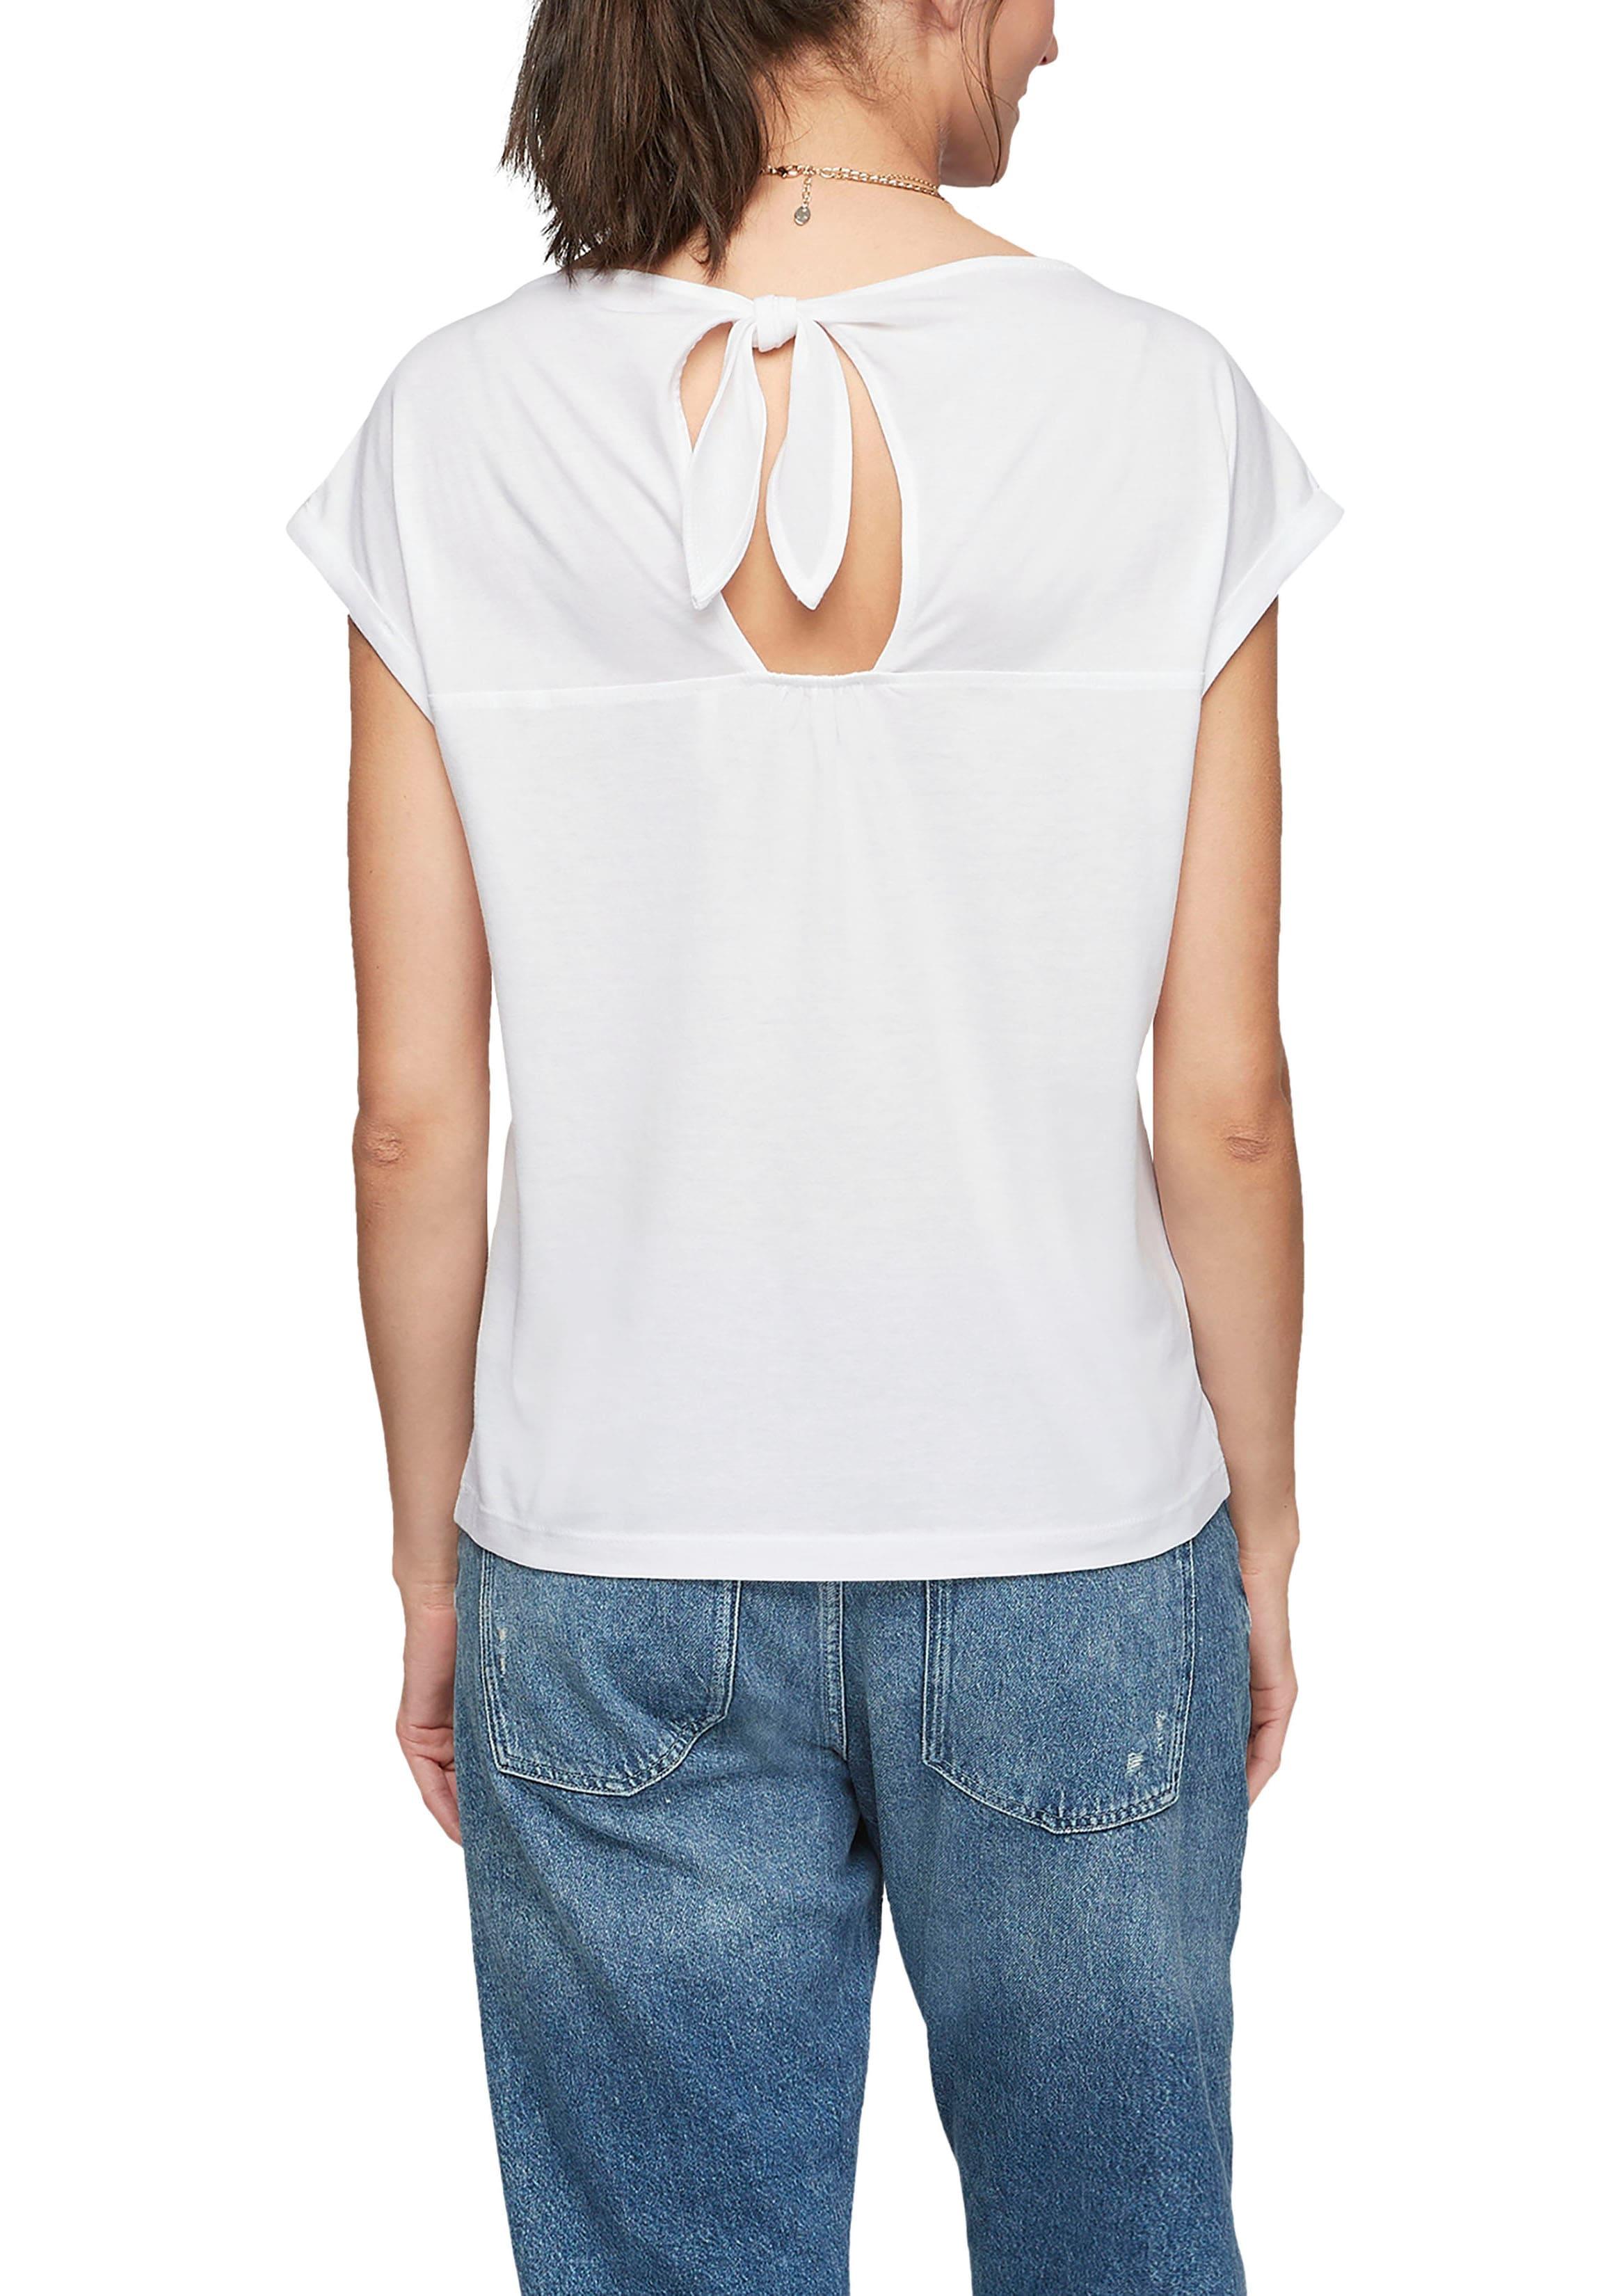 s.oliver -  T-Shirt, mit tollem Cut Out und Knoten-Detail im Rücken